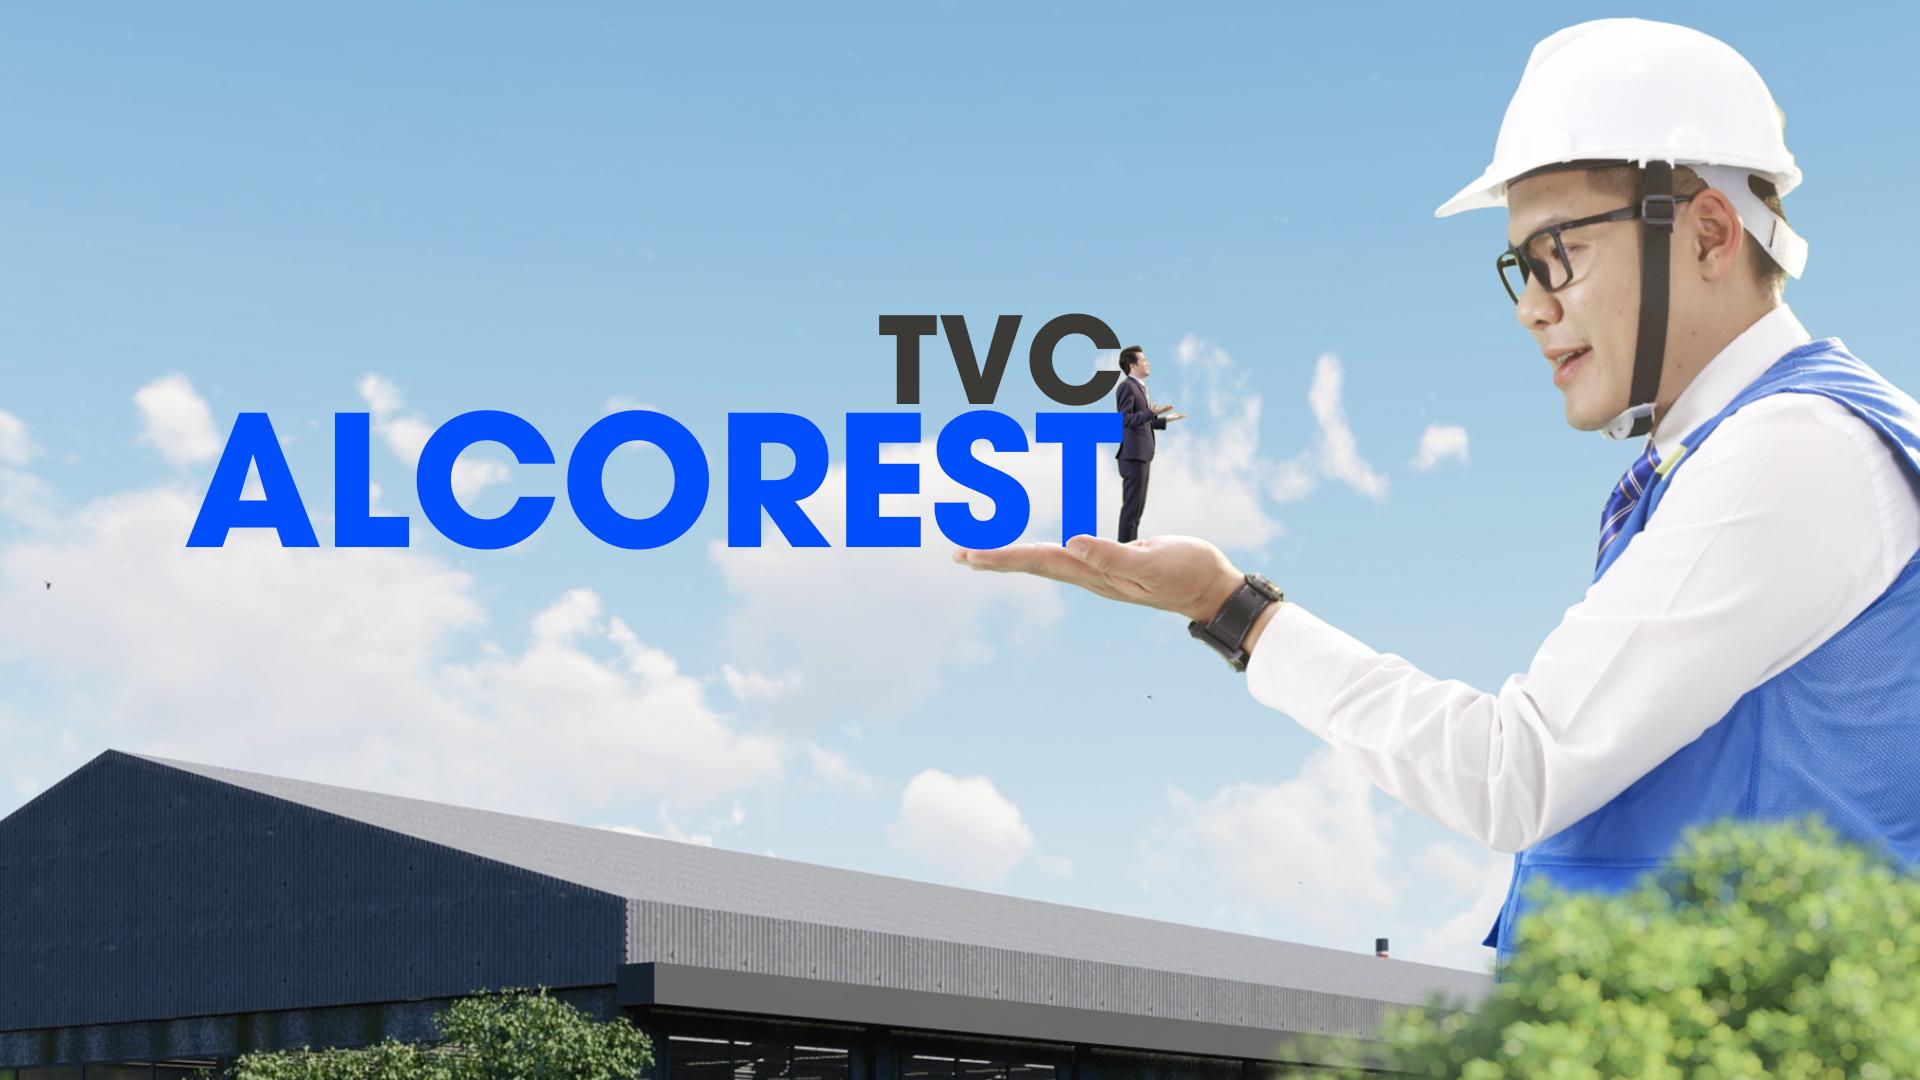 TVC Alcorest - Ngàn nỗi lo, vạn lý do che chở